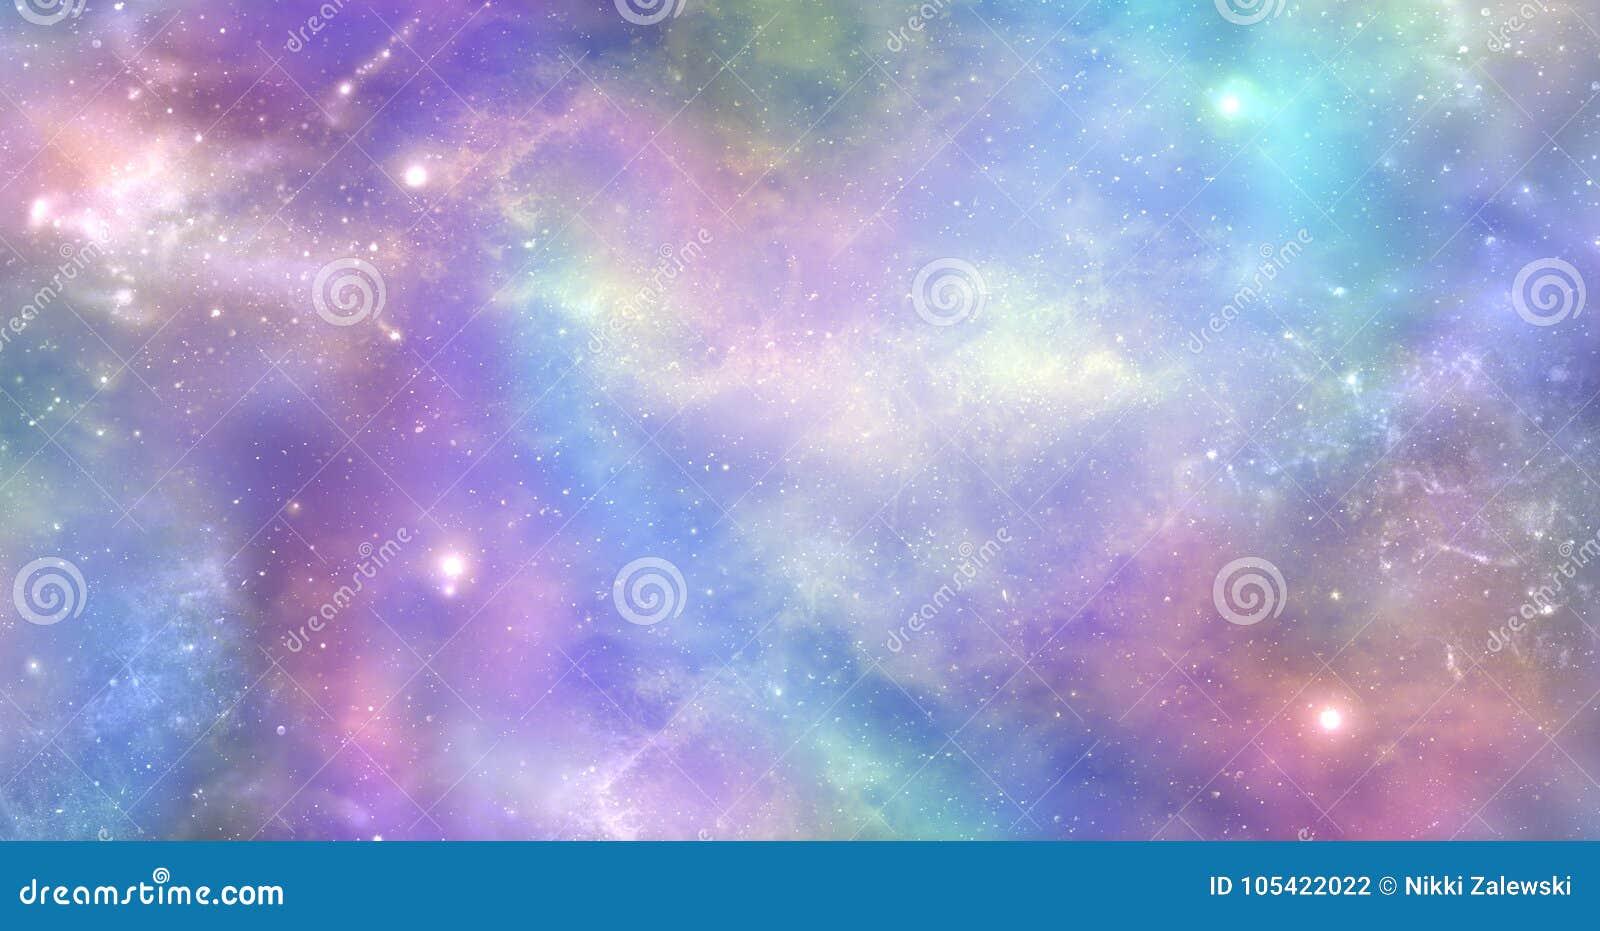 Utrymme är inte precis mörkt, och djupt fylls det också med himla- ljus och färg